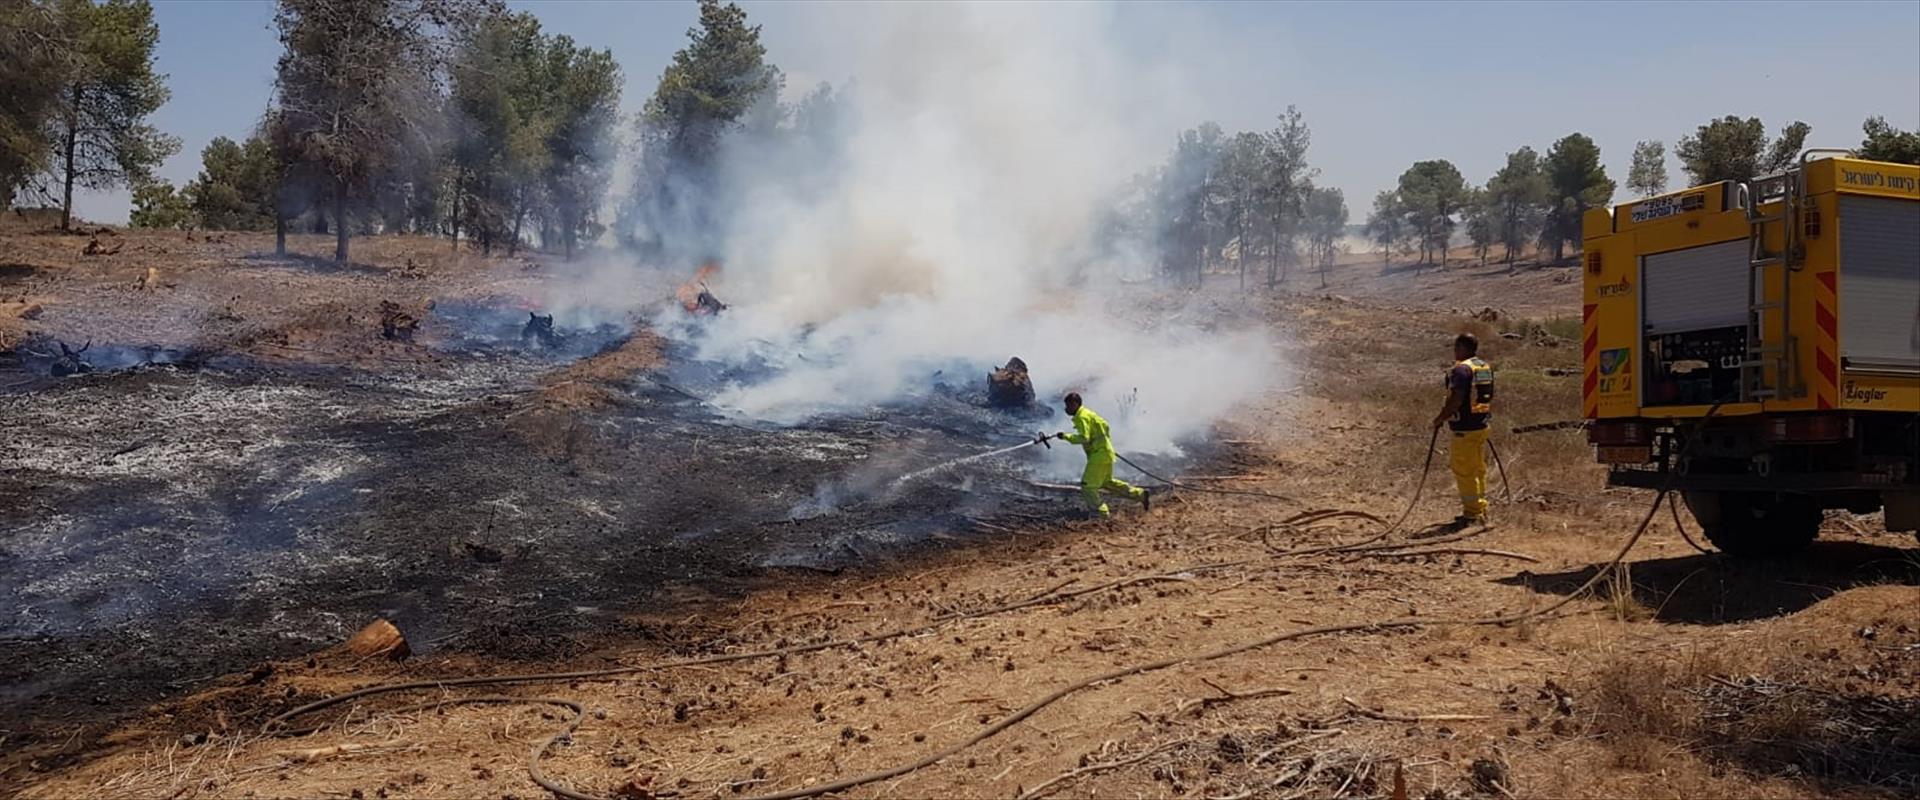 שריפה ביער כיסופים